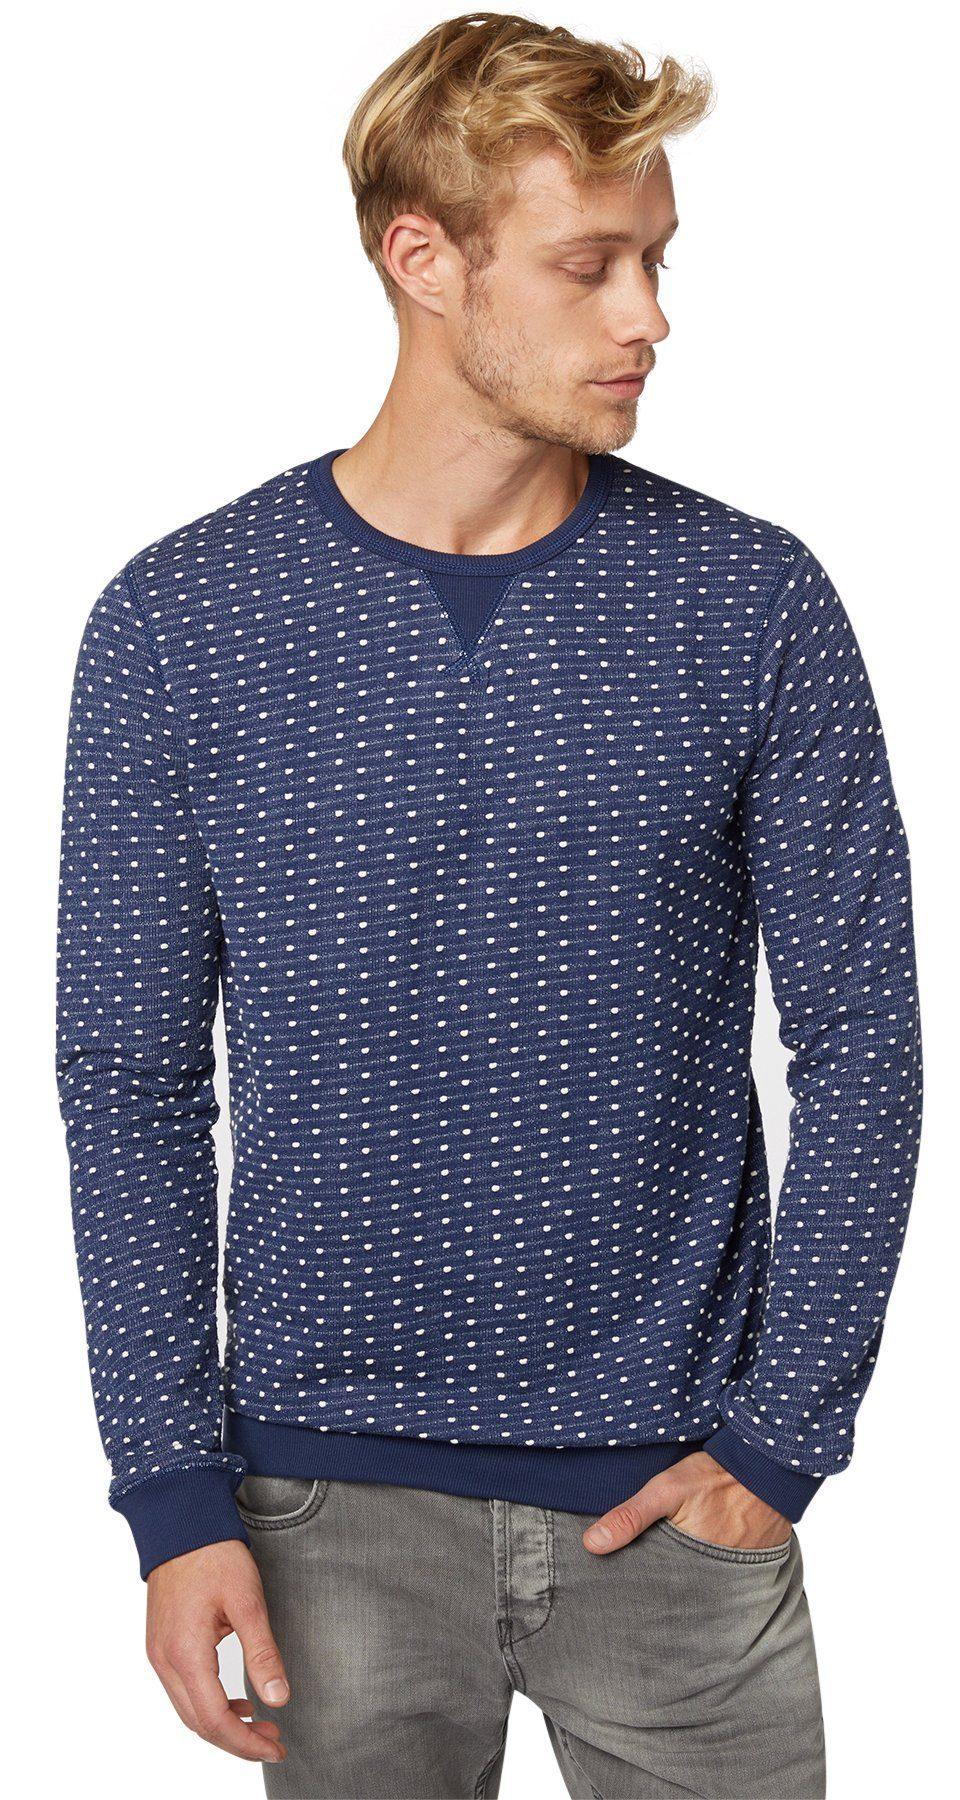 TOM TAILOR DENIM Sweatshirt »strukturierter Sweater«